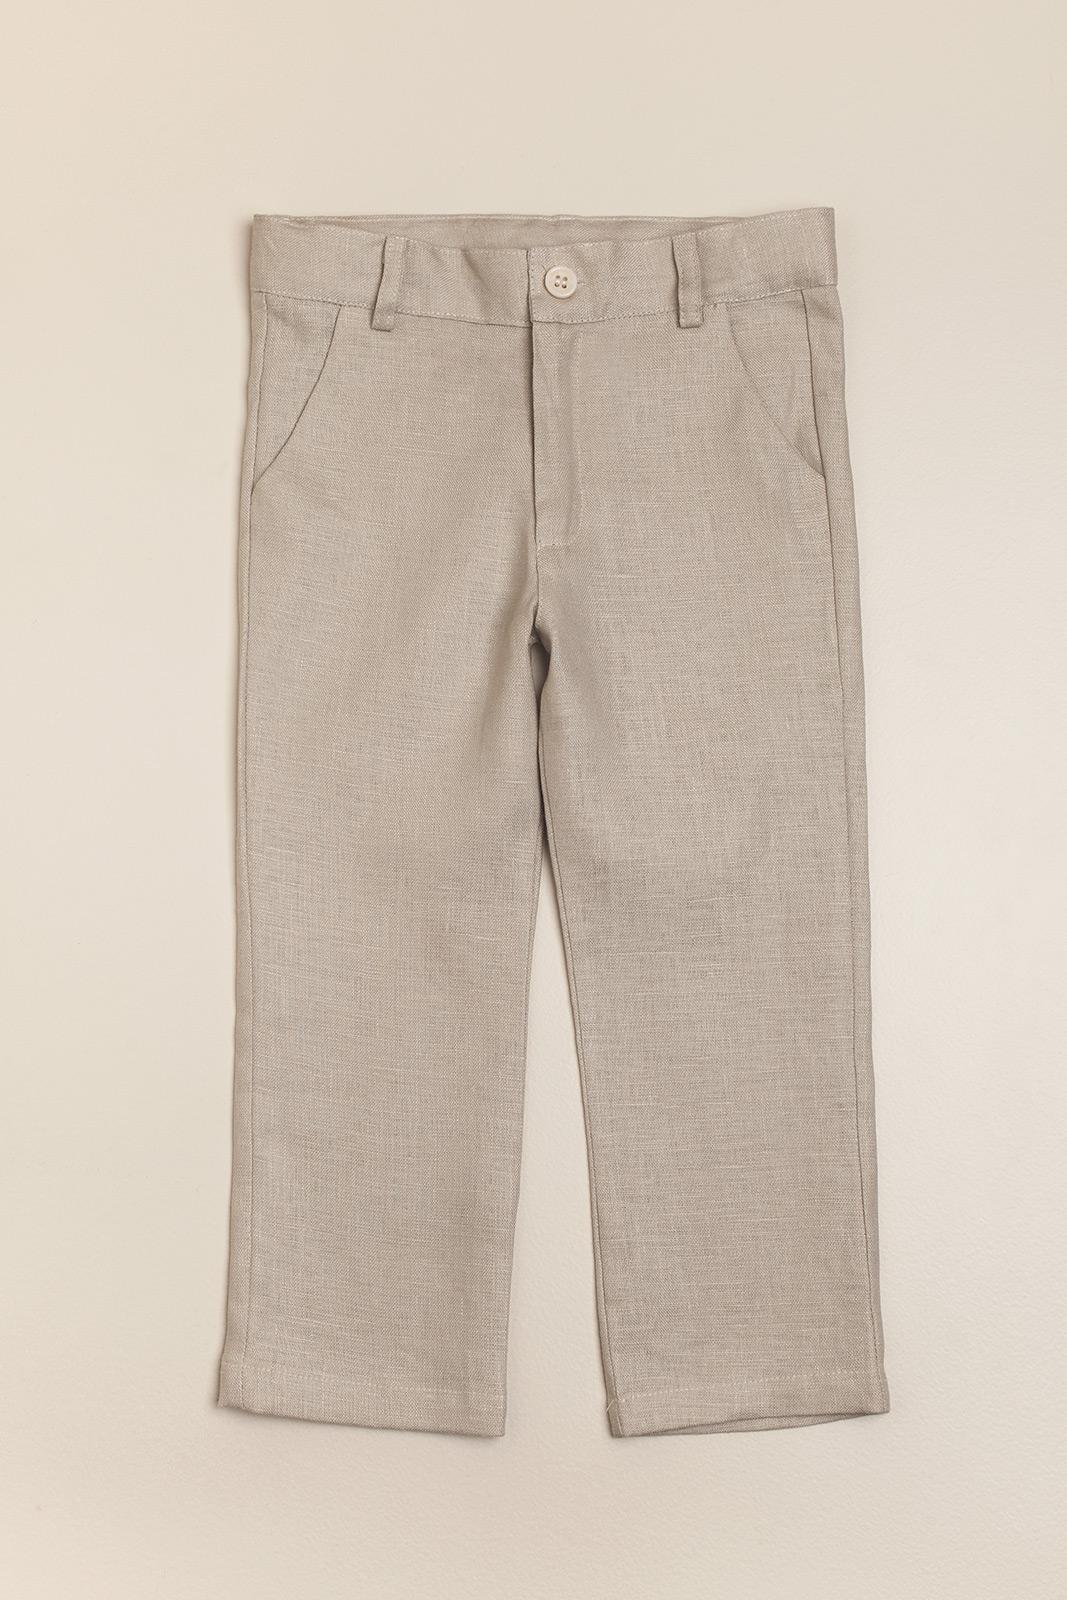 Pantalon de lino arena